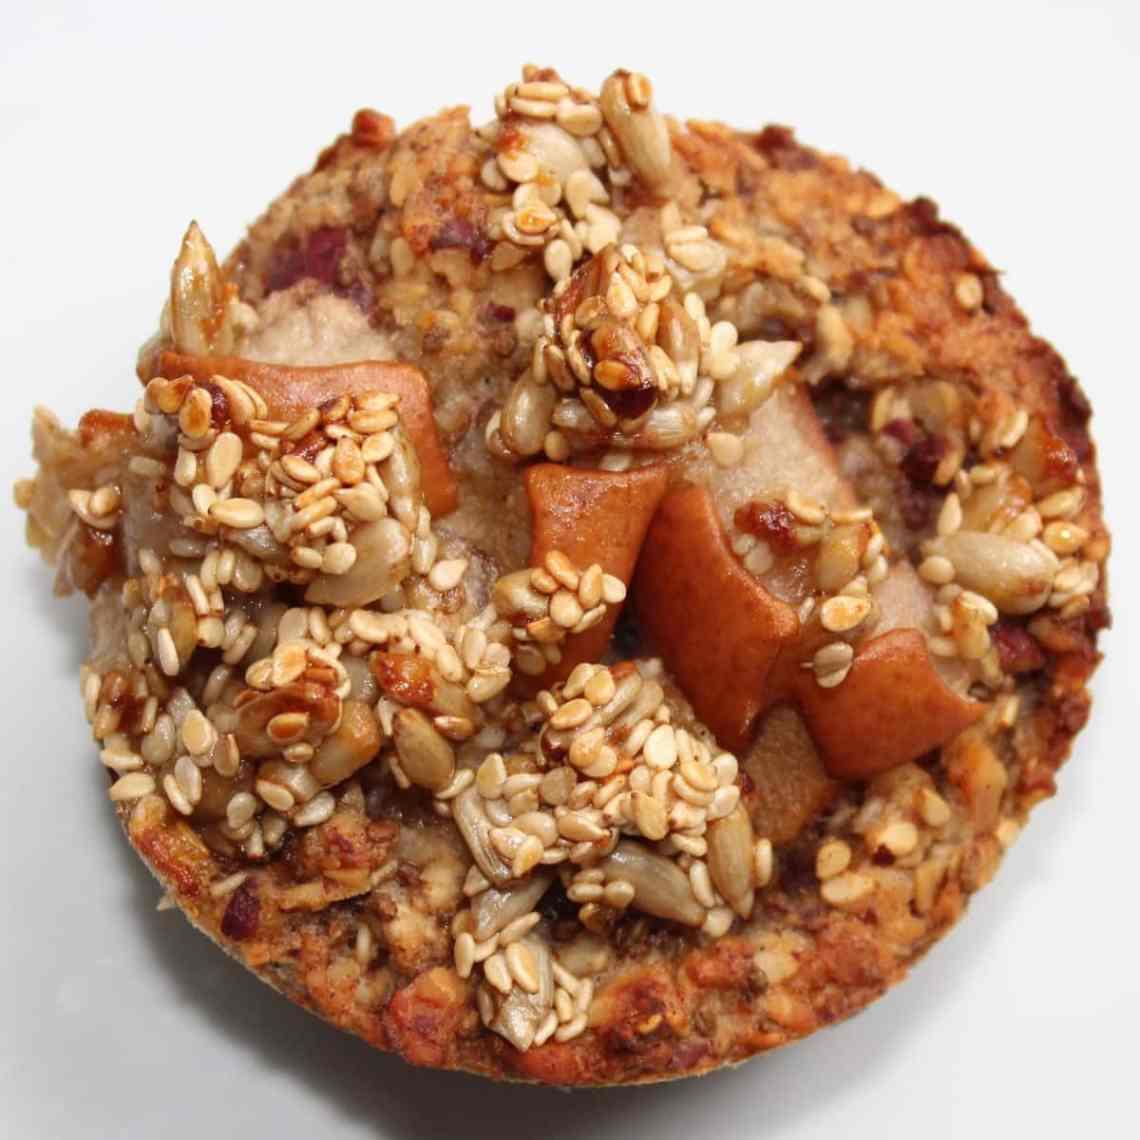 """Pæremuffins, nem """"tag med"""" morgenmad, snack eller sundere kage til kaffen. Pæremuffins uden raffineret sukker også kendt som morgenmadsmuffins eller bagt havregrød. Find opskrifter, inspiration og print til årets gang på danishthings.com"""